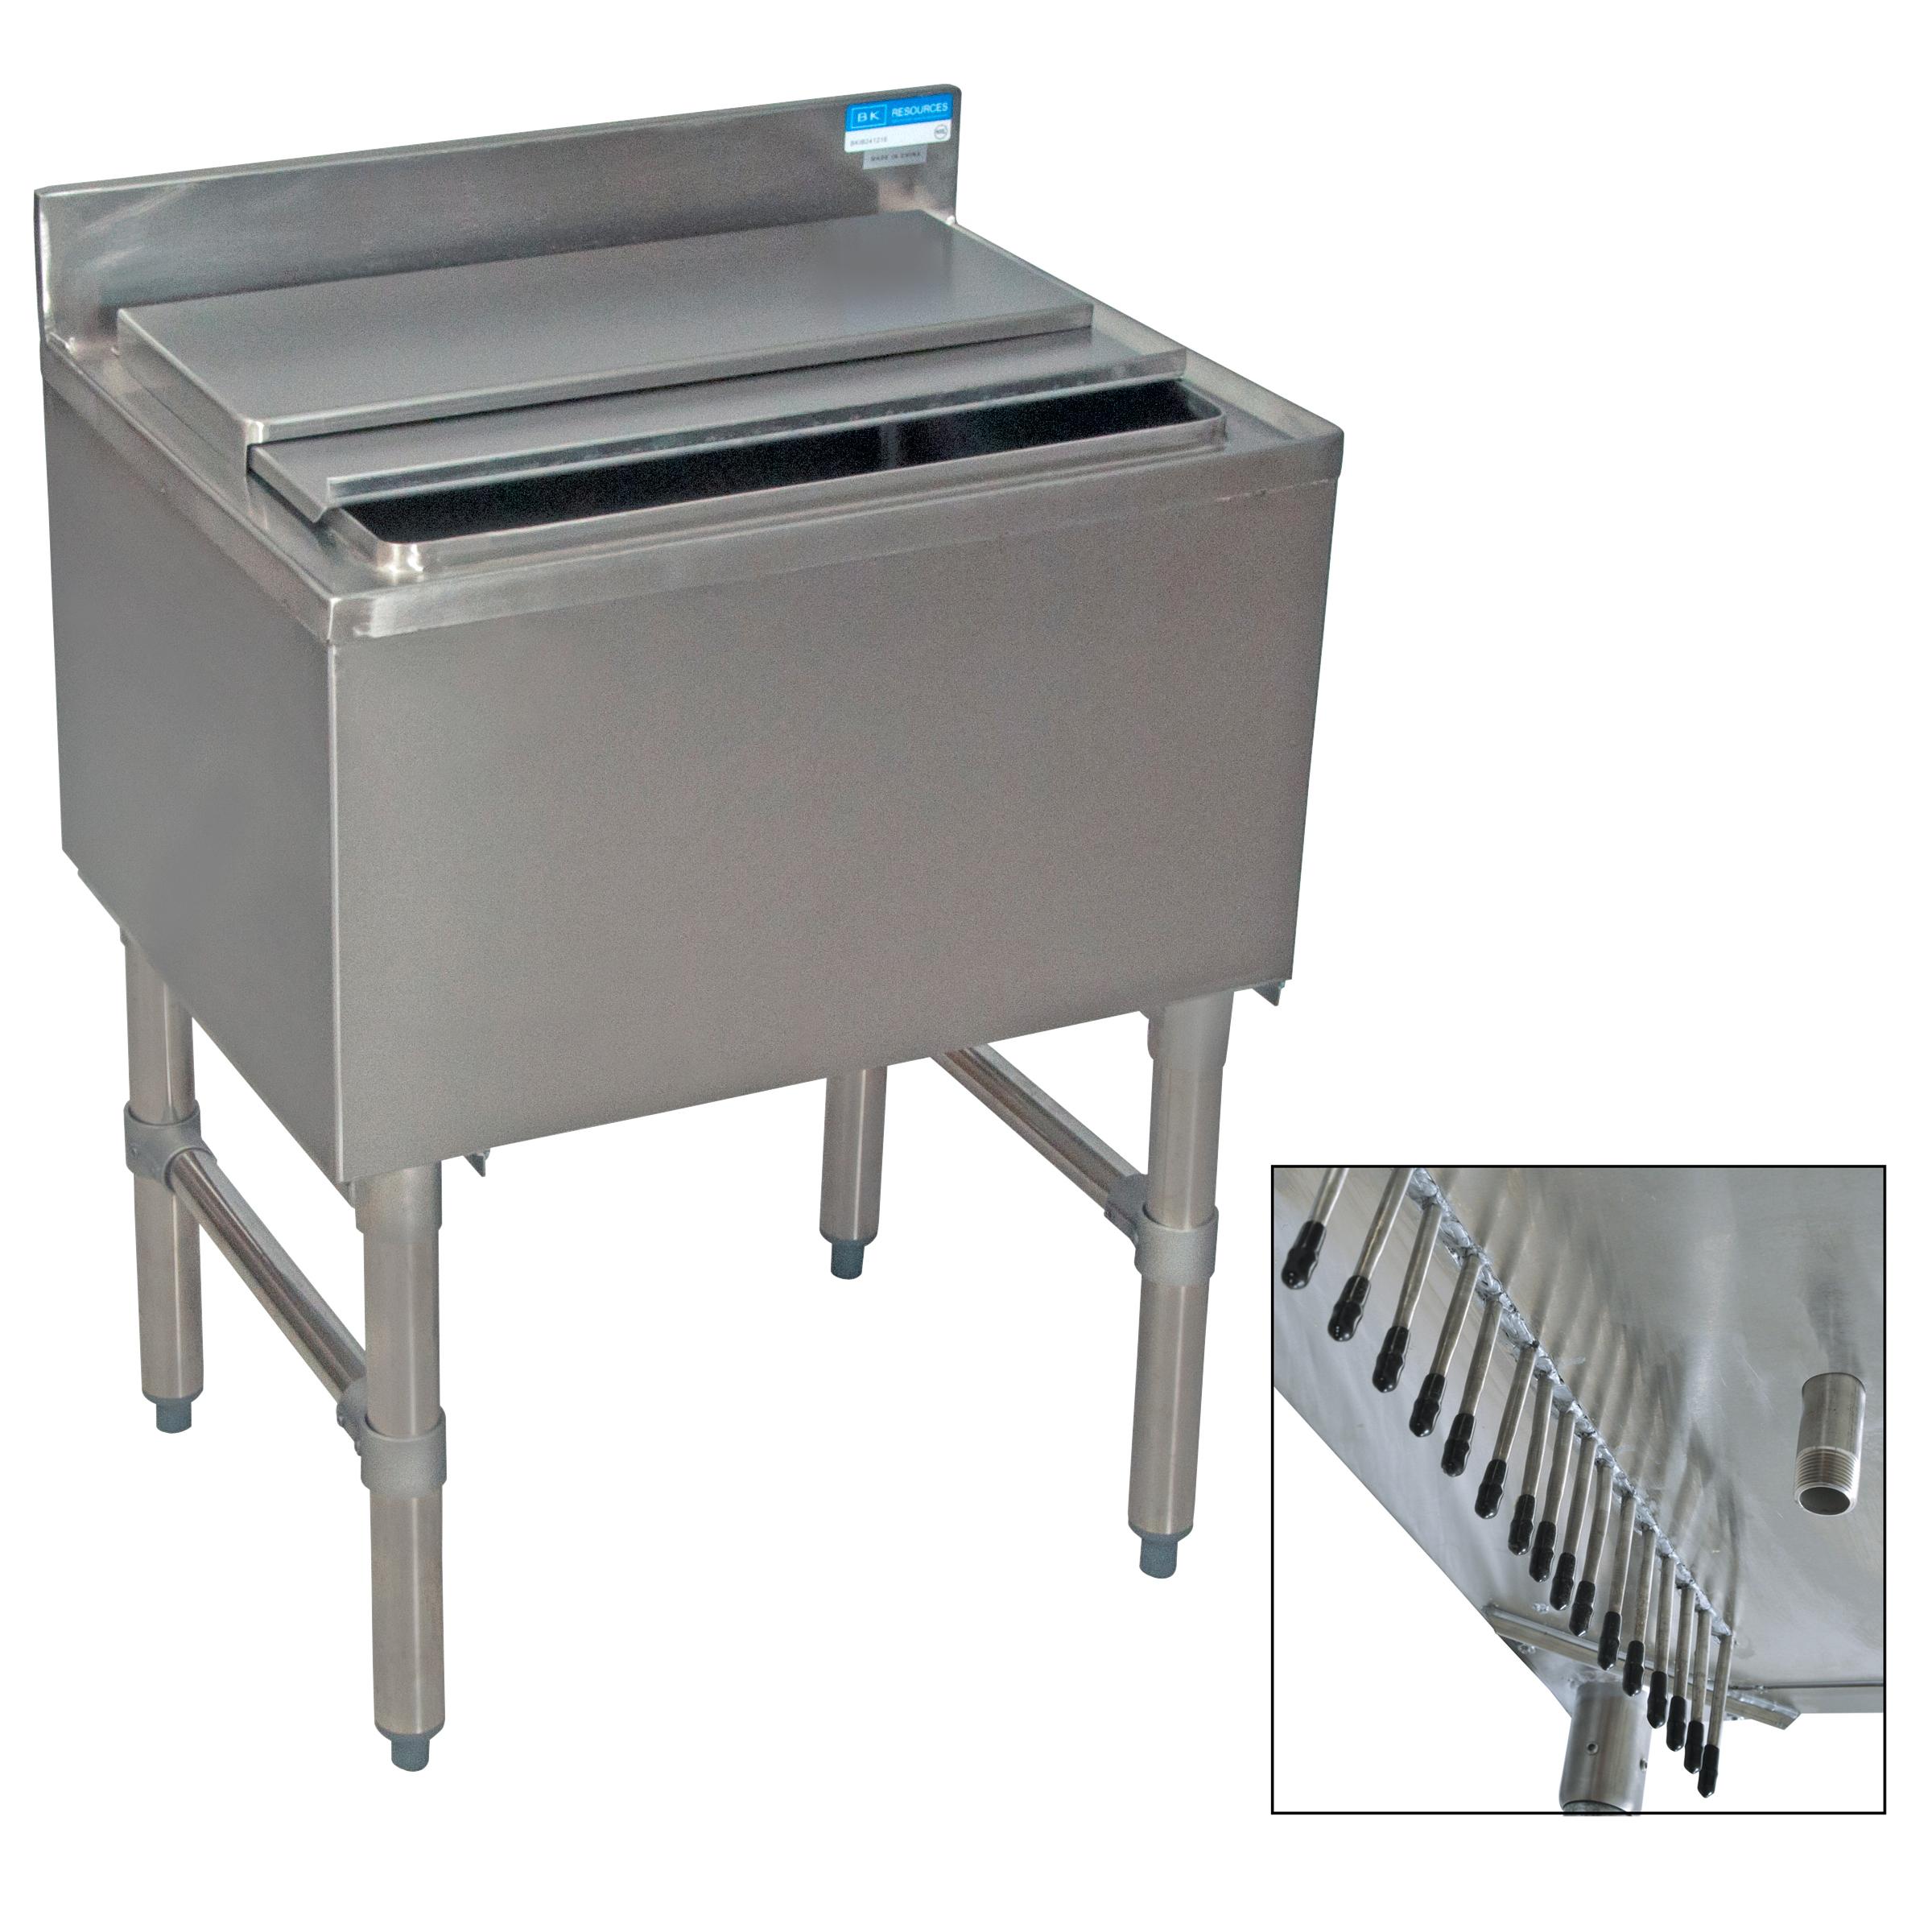 BK Resources BKIB-CP10-3012-18S underbar ice bin/cocktail unit